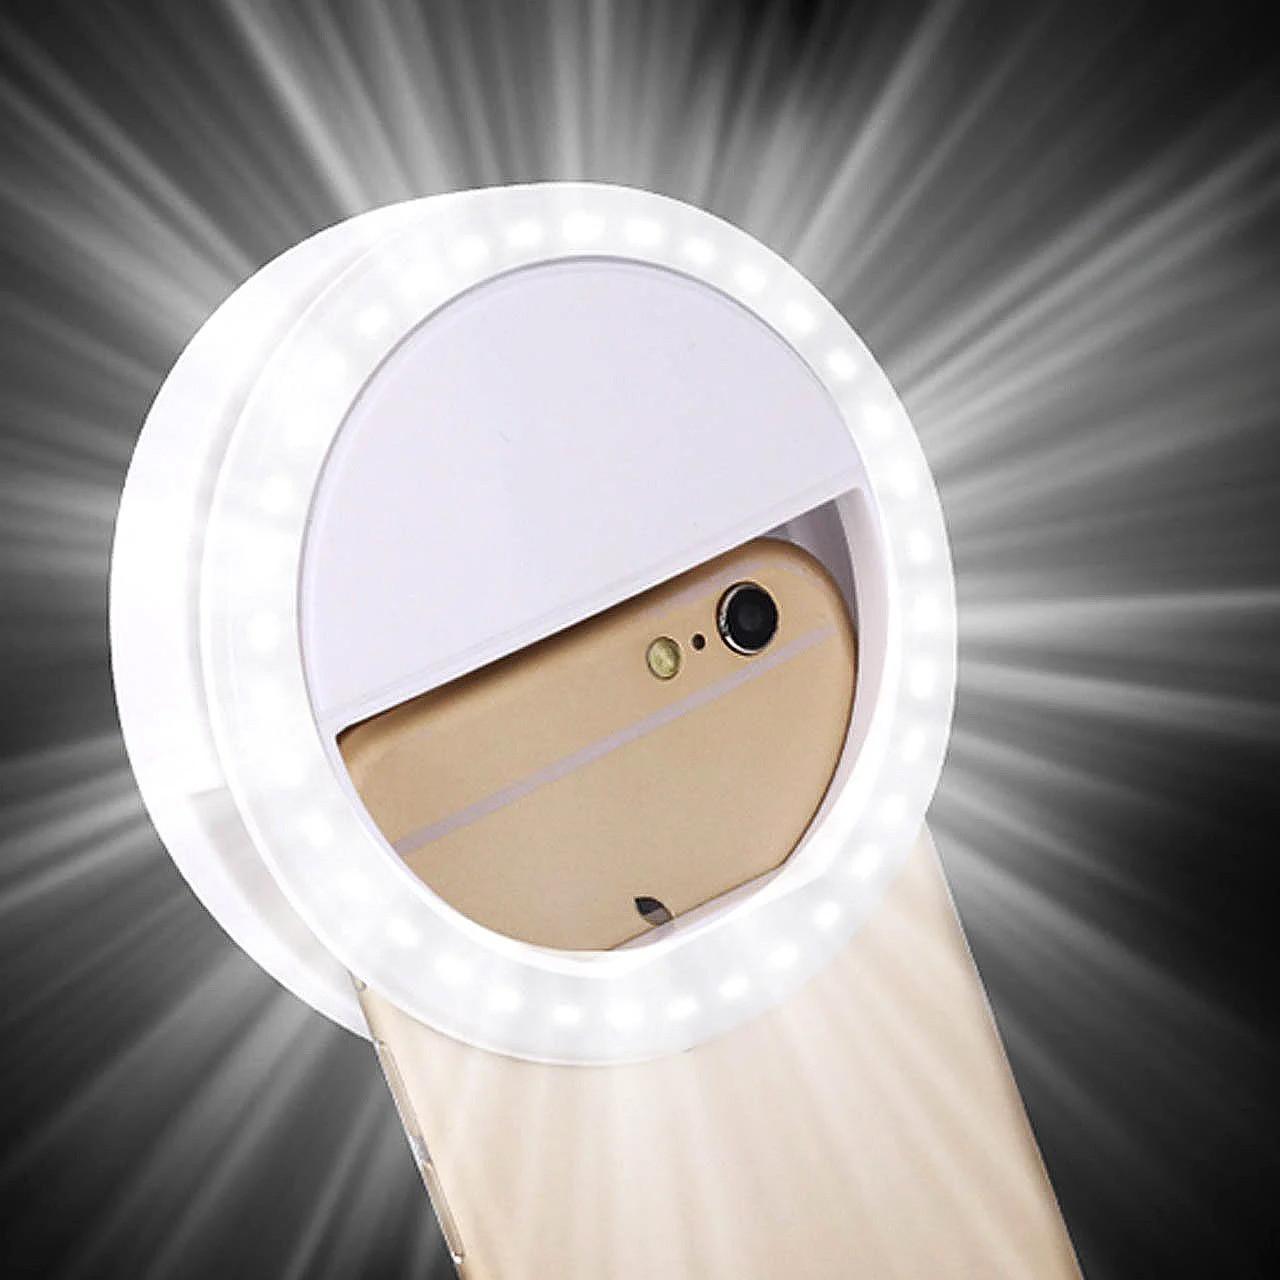 Использование вспышек для фотоаппаратов и смартфонов в цифровой стоматологии